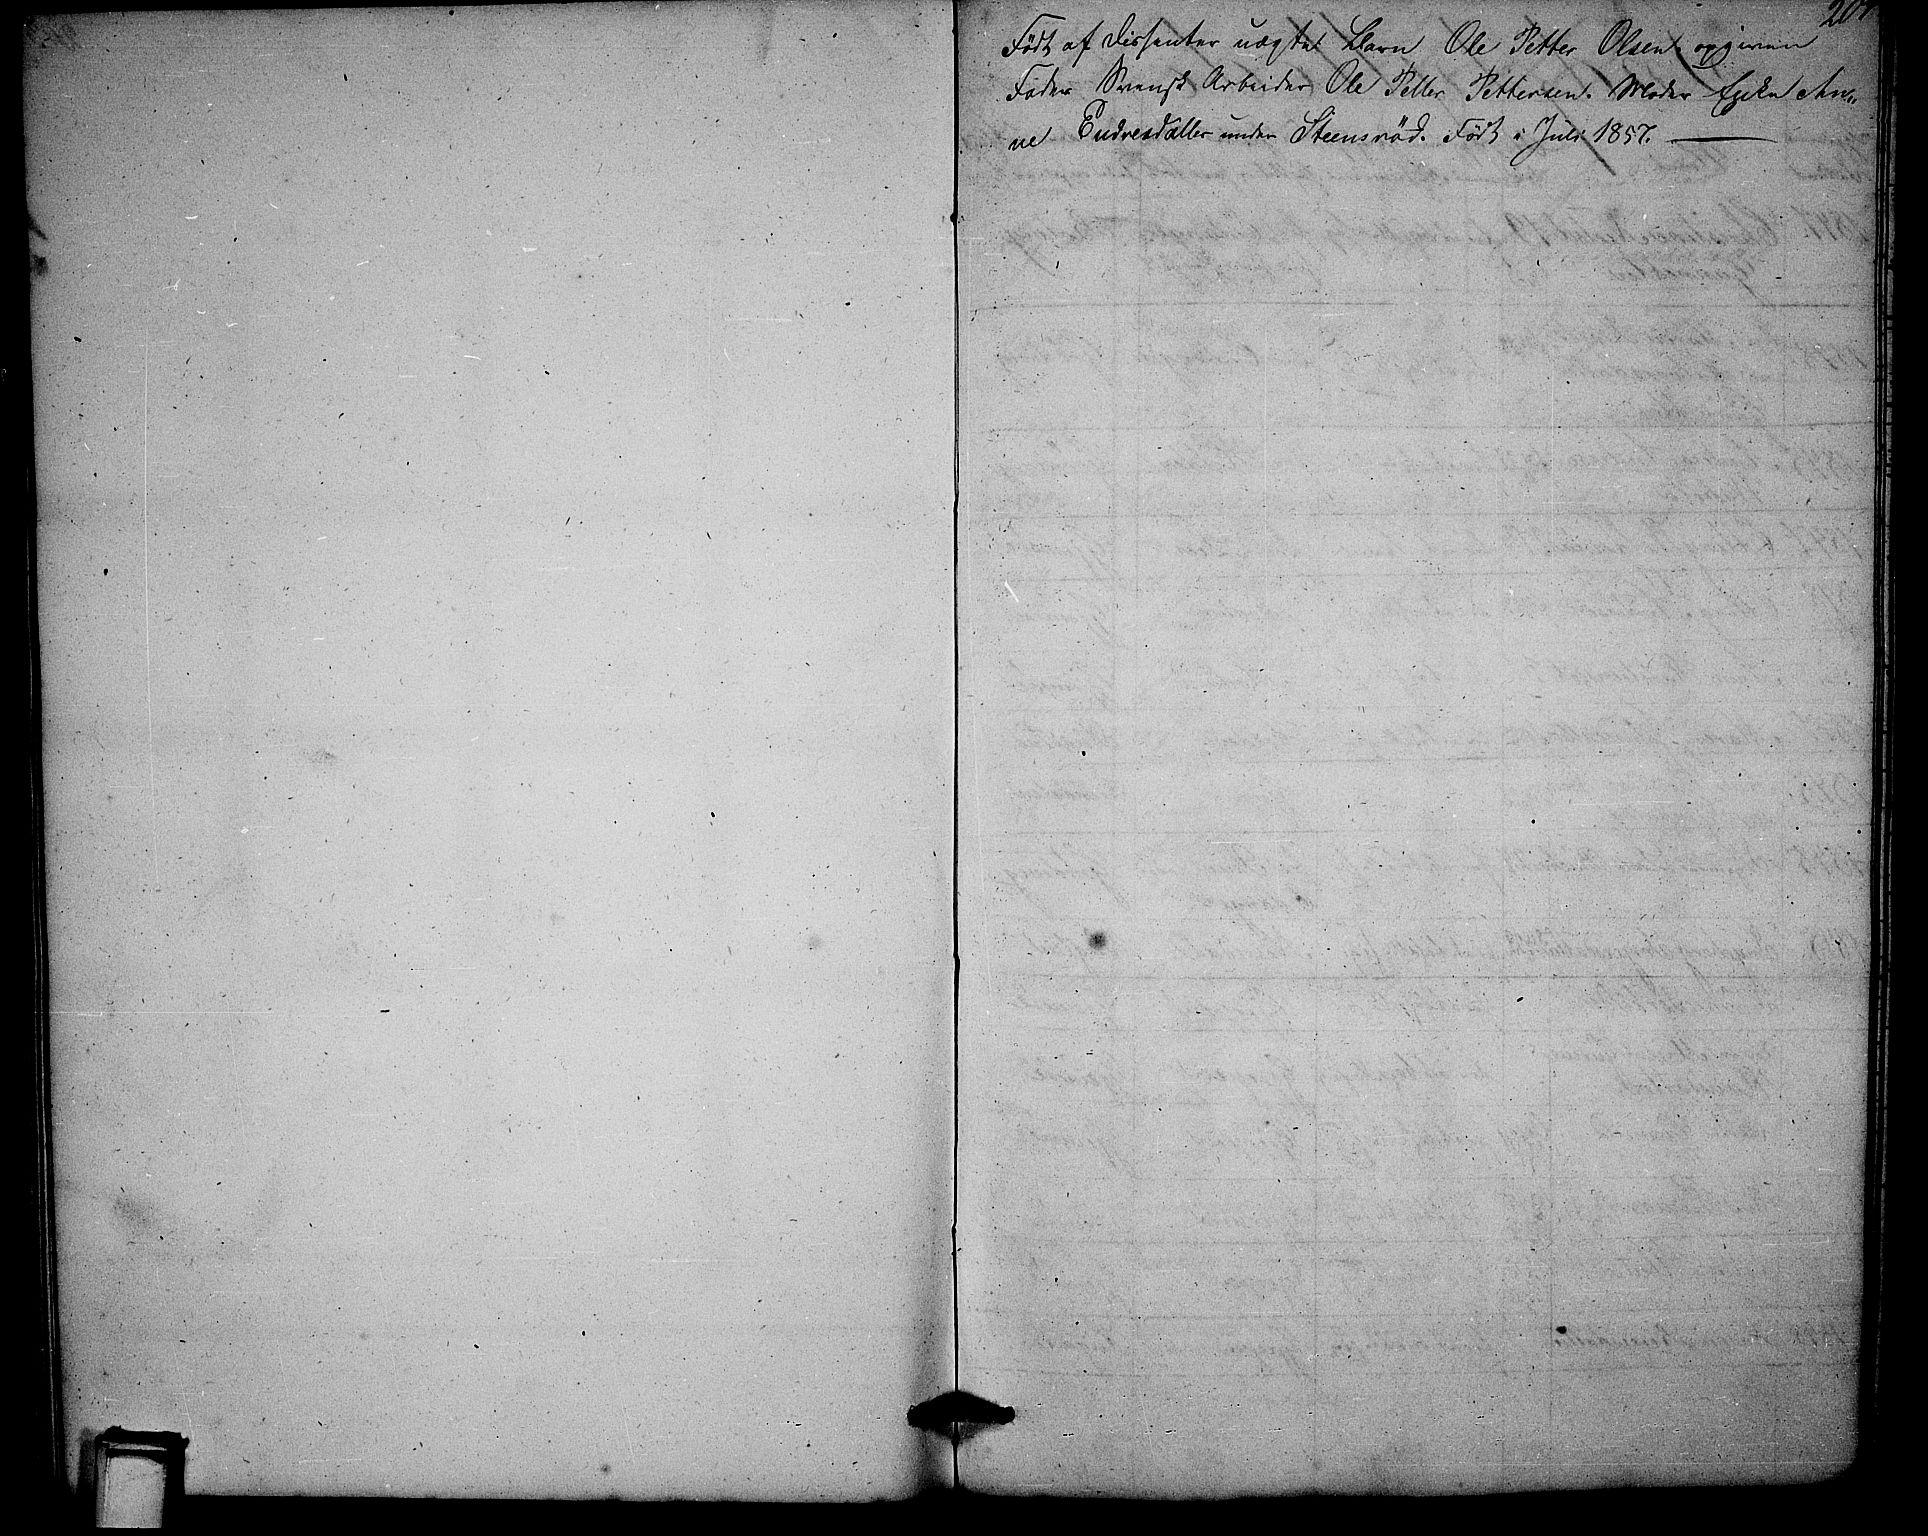 SAKO, Solum kirkebøker, G/Ga/L0003: Klokkerbok nr. I 3, 1848-1859, s. 204